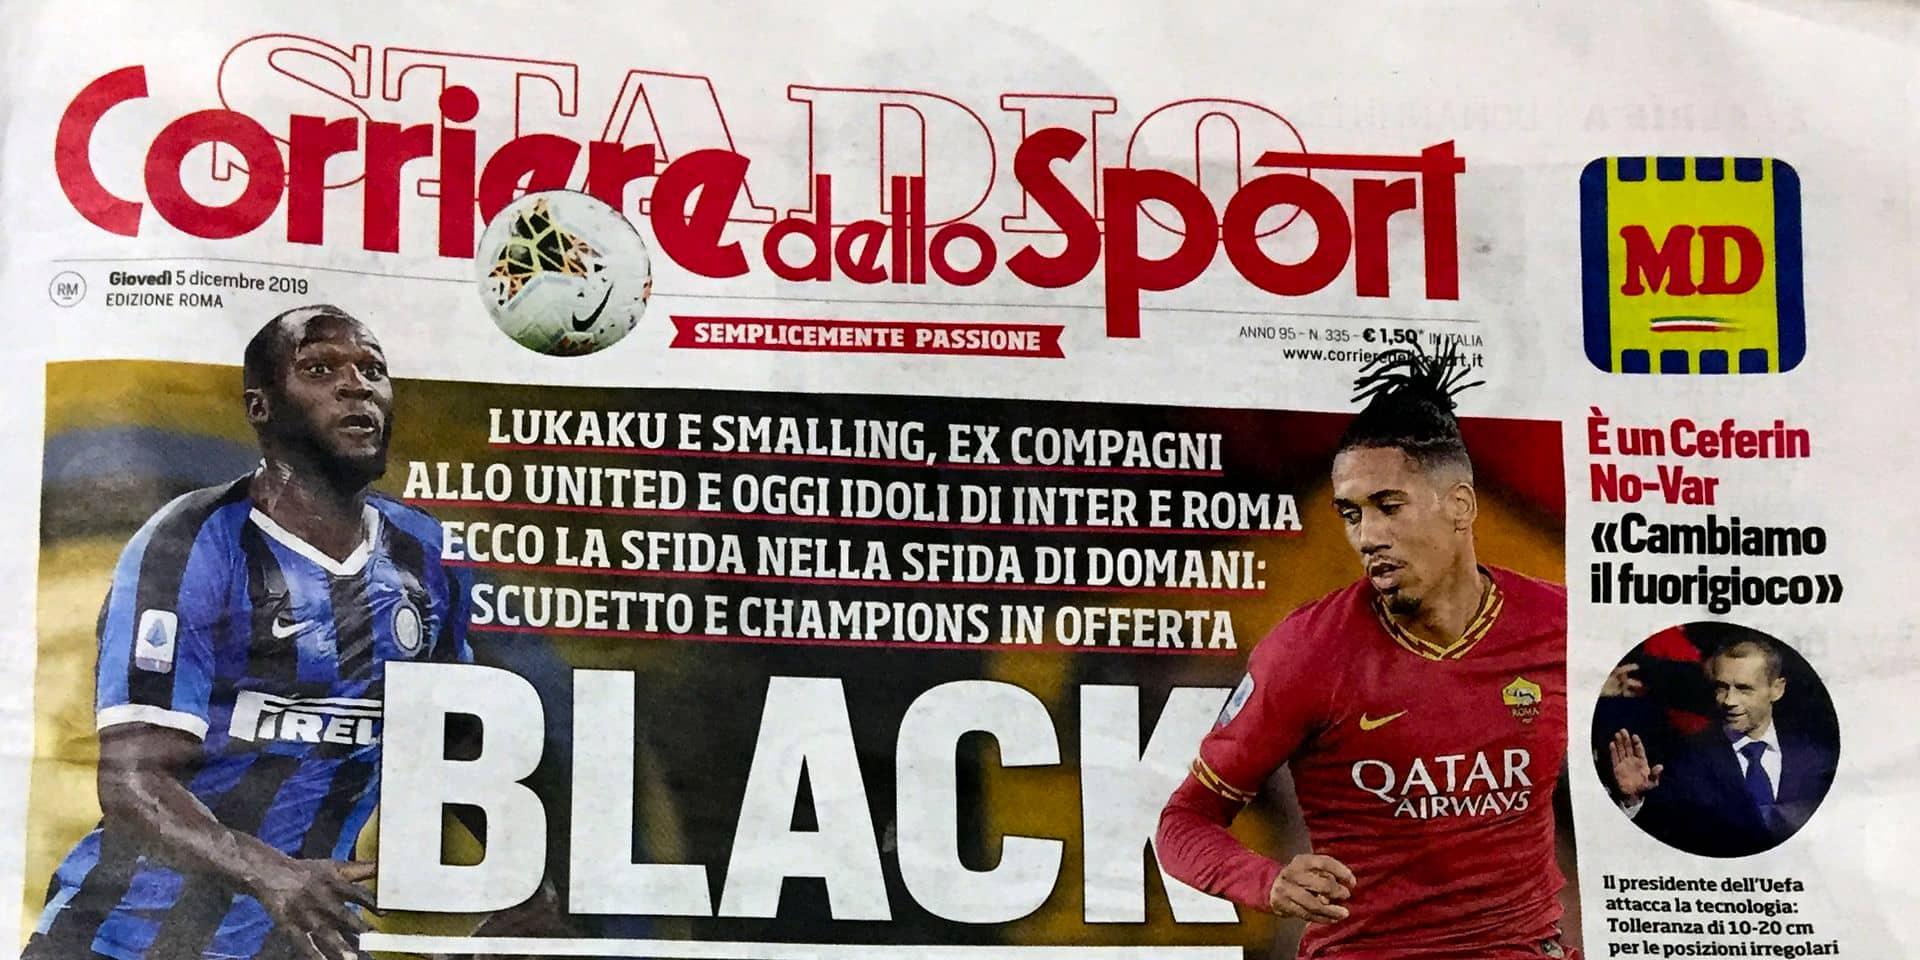 """""""Nous sommes les ennemis du racisme"""": le Corriere dello Sport dénonce un lynchage après l'affaire Lukaku"""